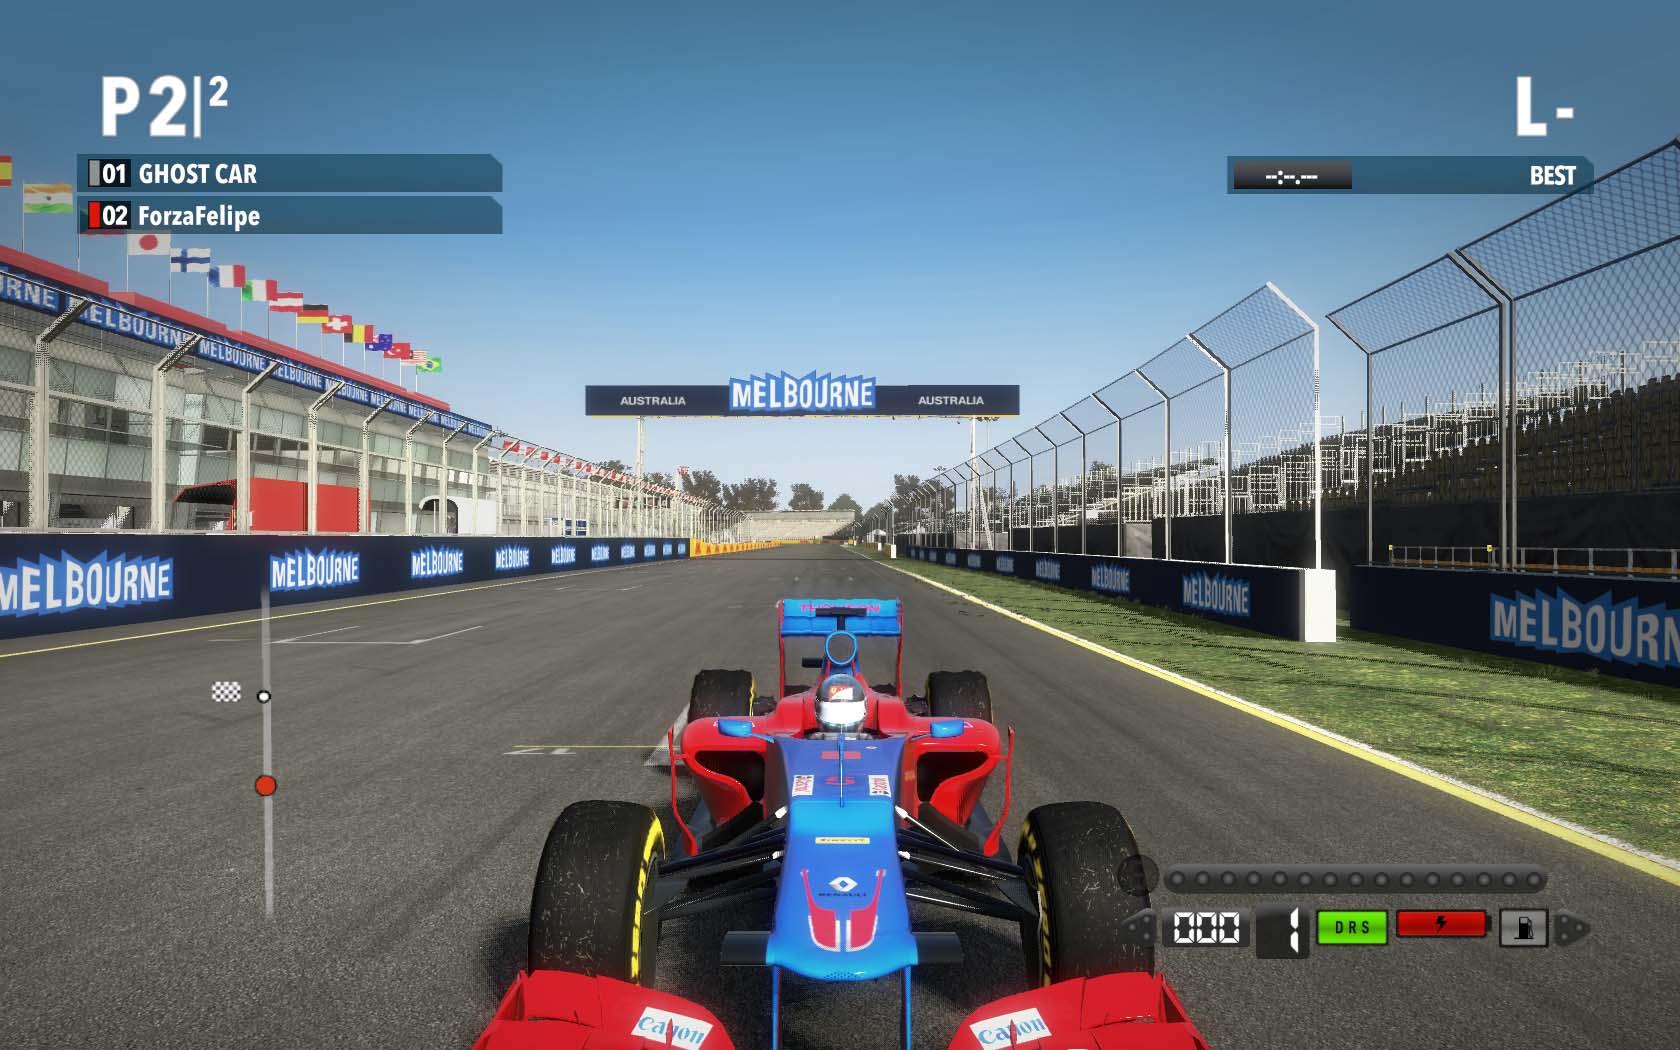 F1_2012 2013-03-29 14-58-45-25.jpg